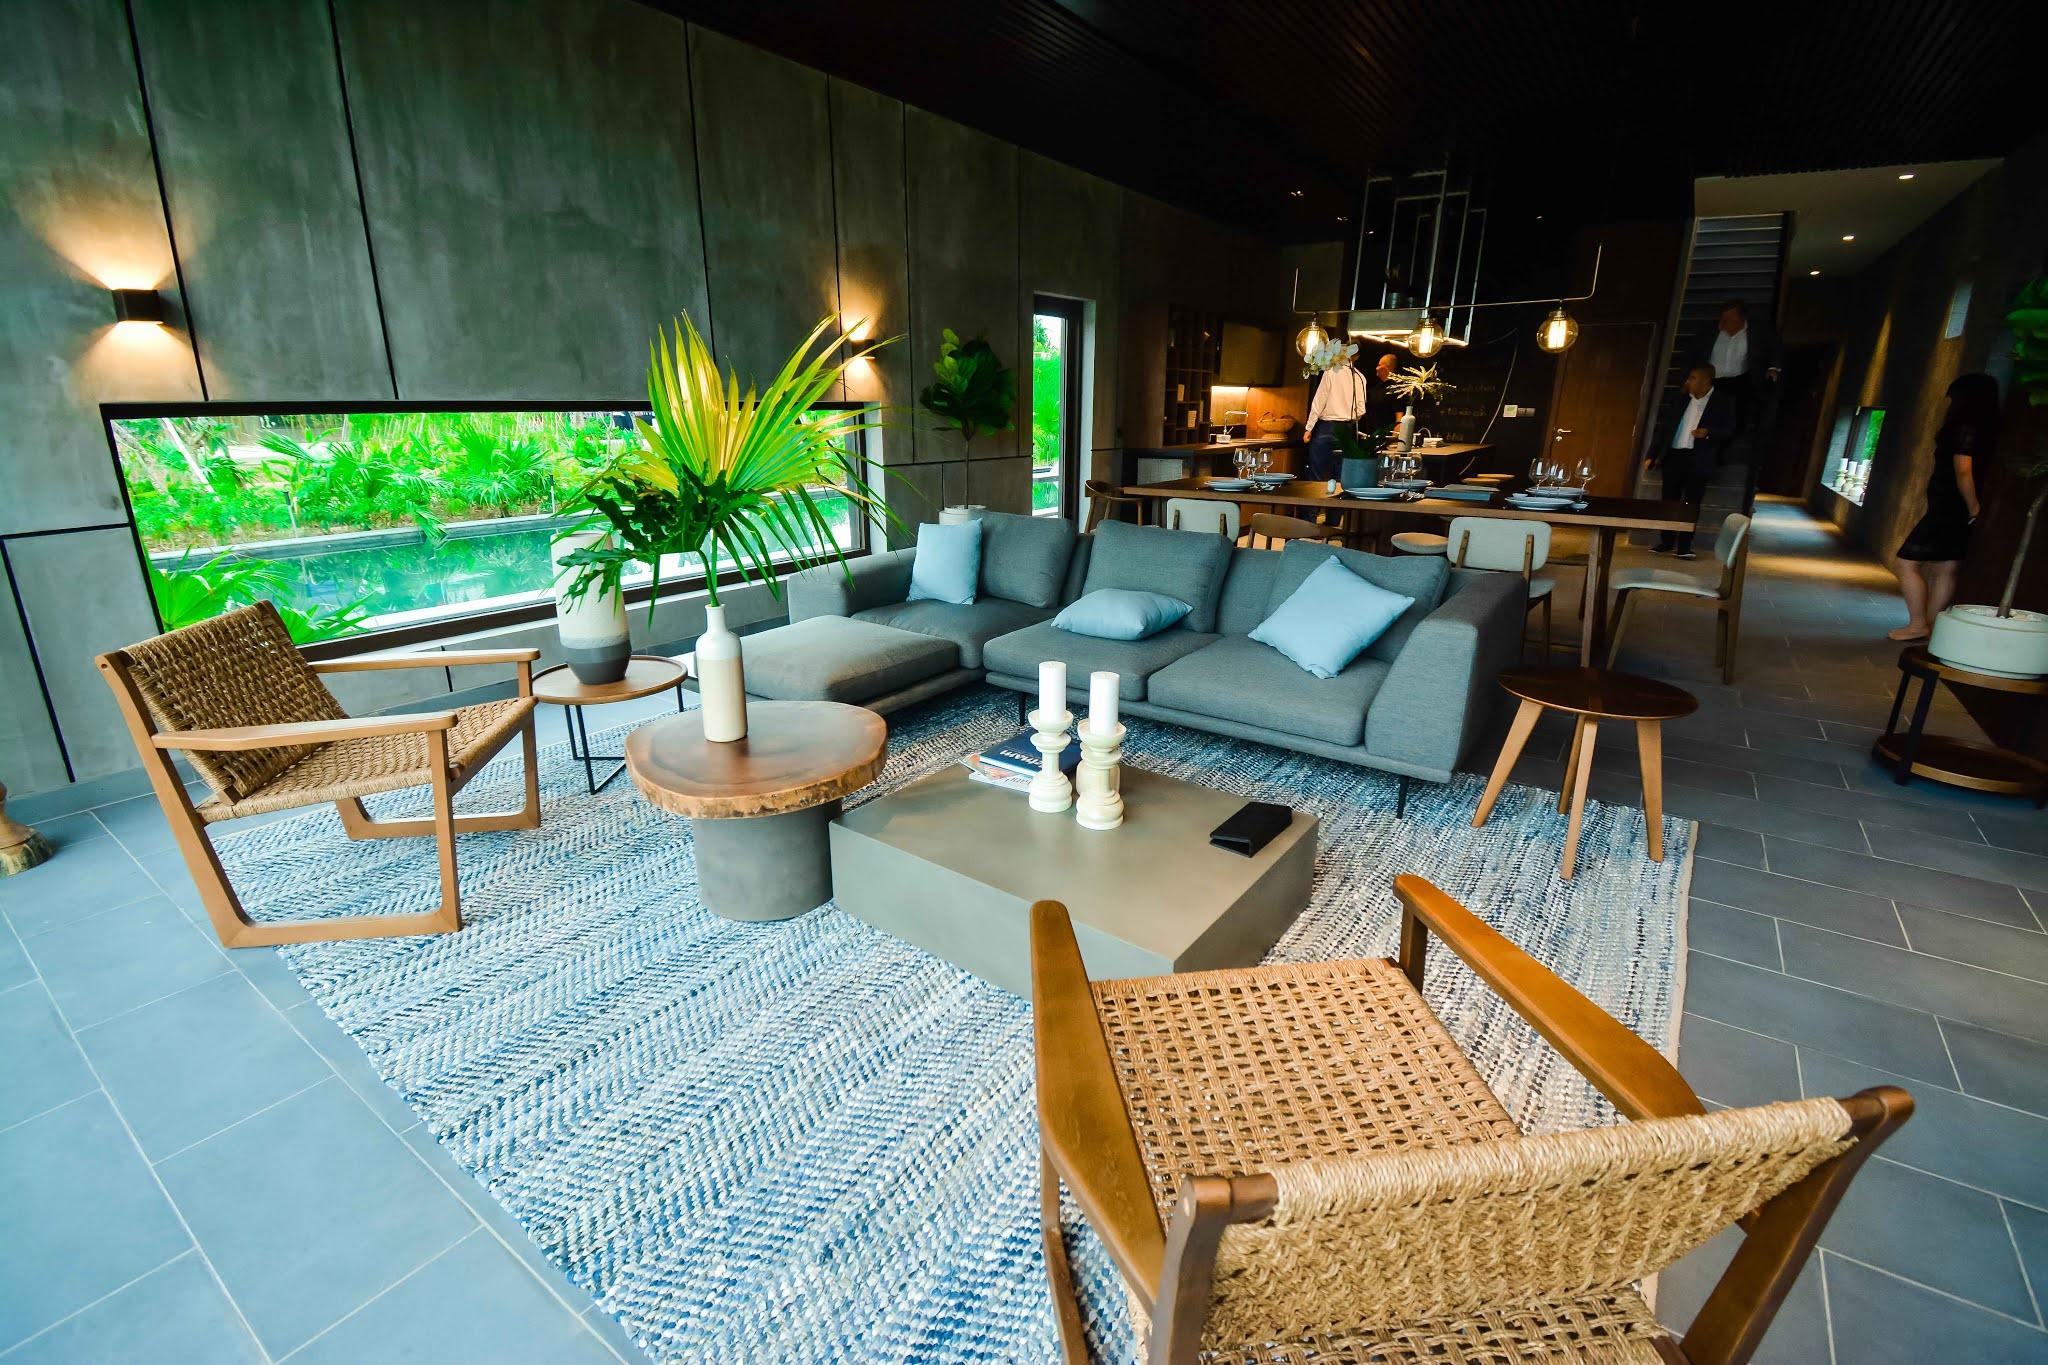 Khoi Studio: Chụp ảnh kiến trúc, nội ngoại thất nhà hàng, khách sạn, resort Đà Nẵng, Quảng Nam